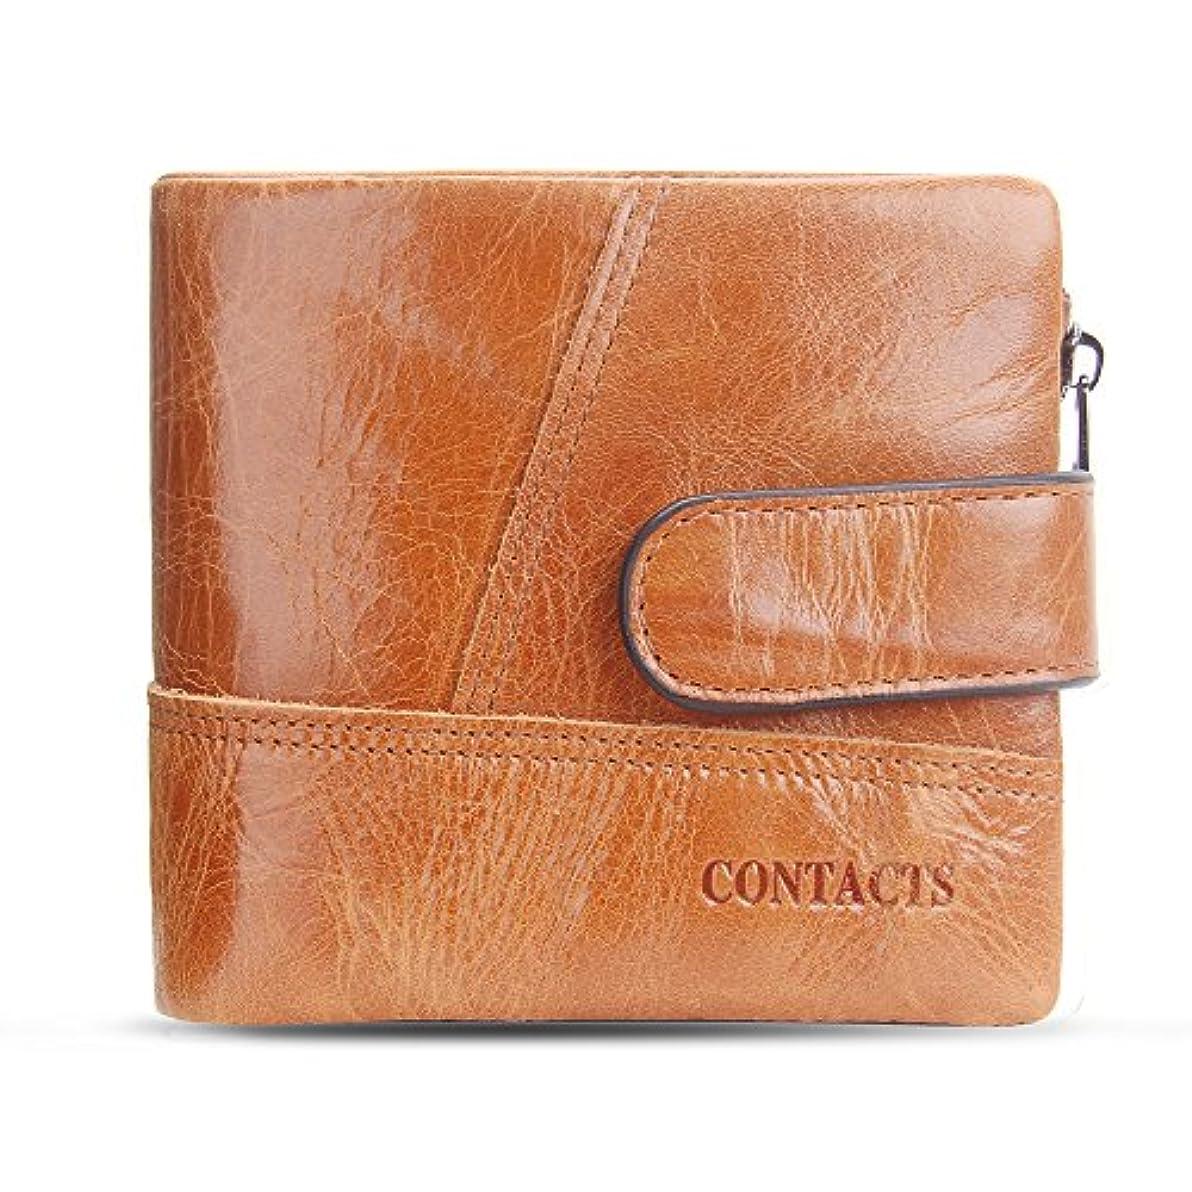 兄弟愛発生花嫁[コンタクトズ]Contacts 本革の二つ折り短財布ファスナー式小銭入れ Large Capacity Vintage Genuine Leather Wallet Mens Zipper Coin Pocket Brown